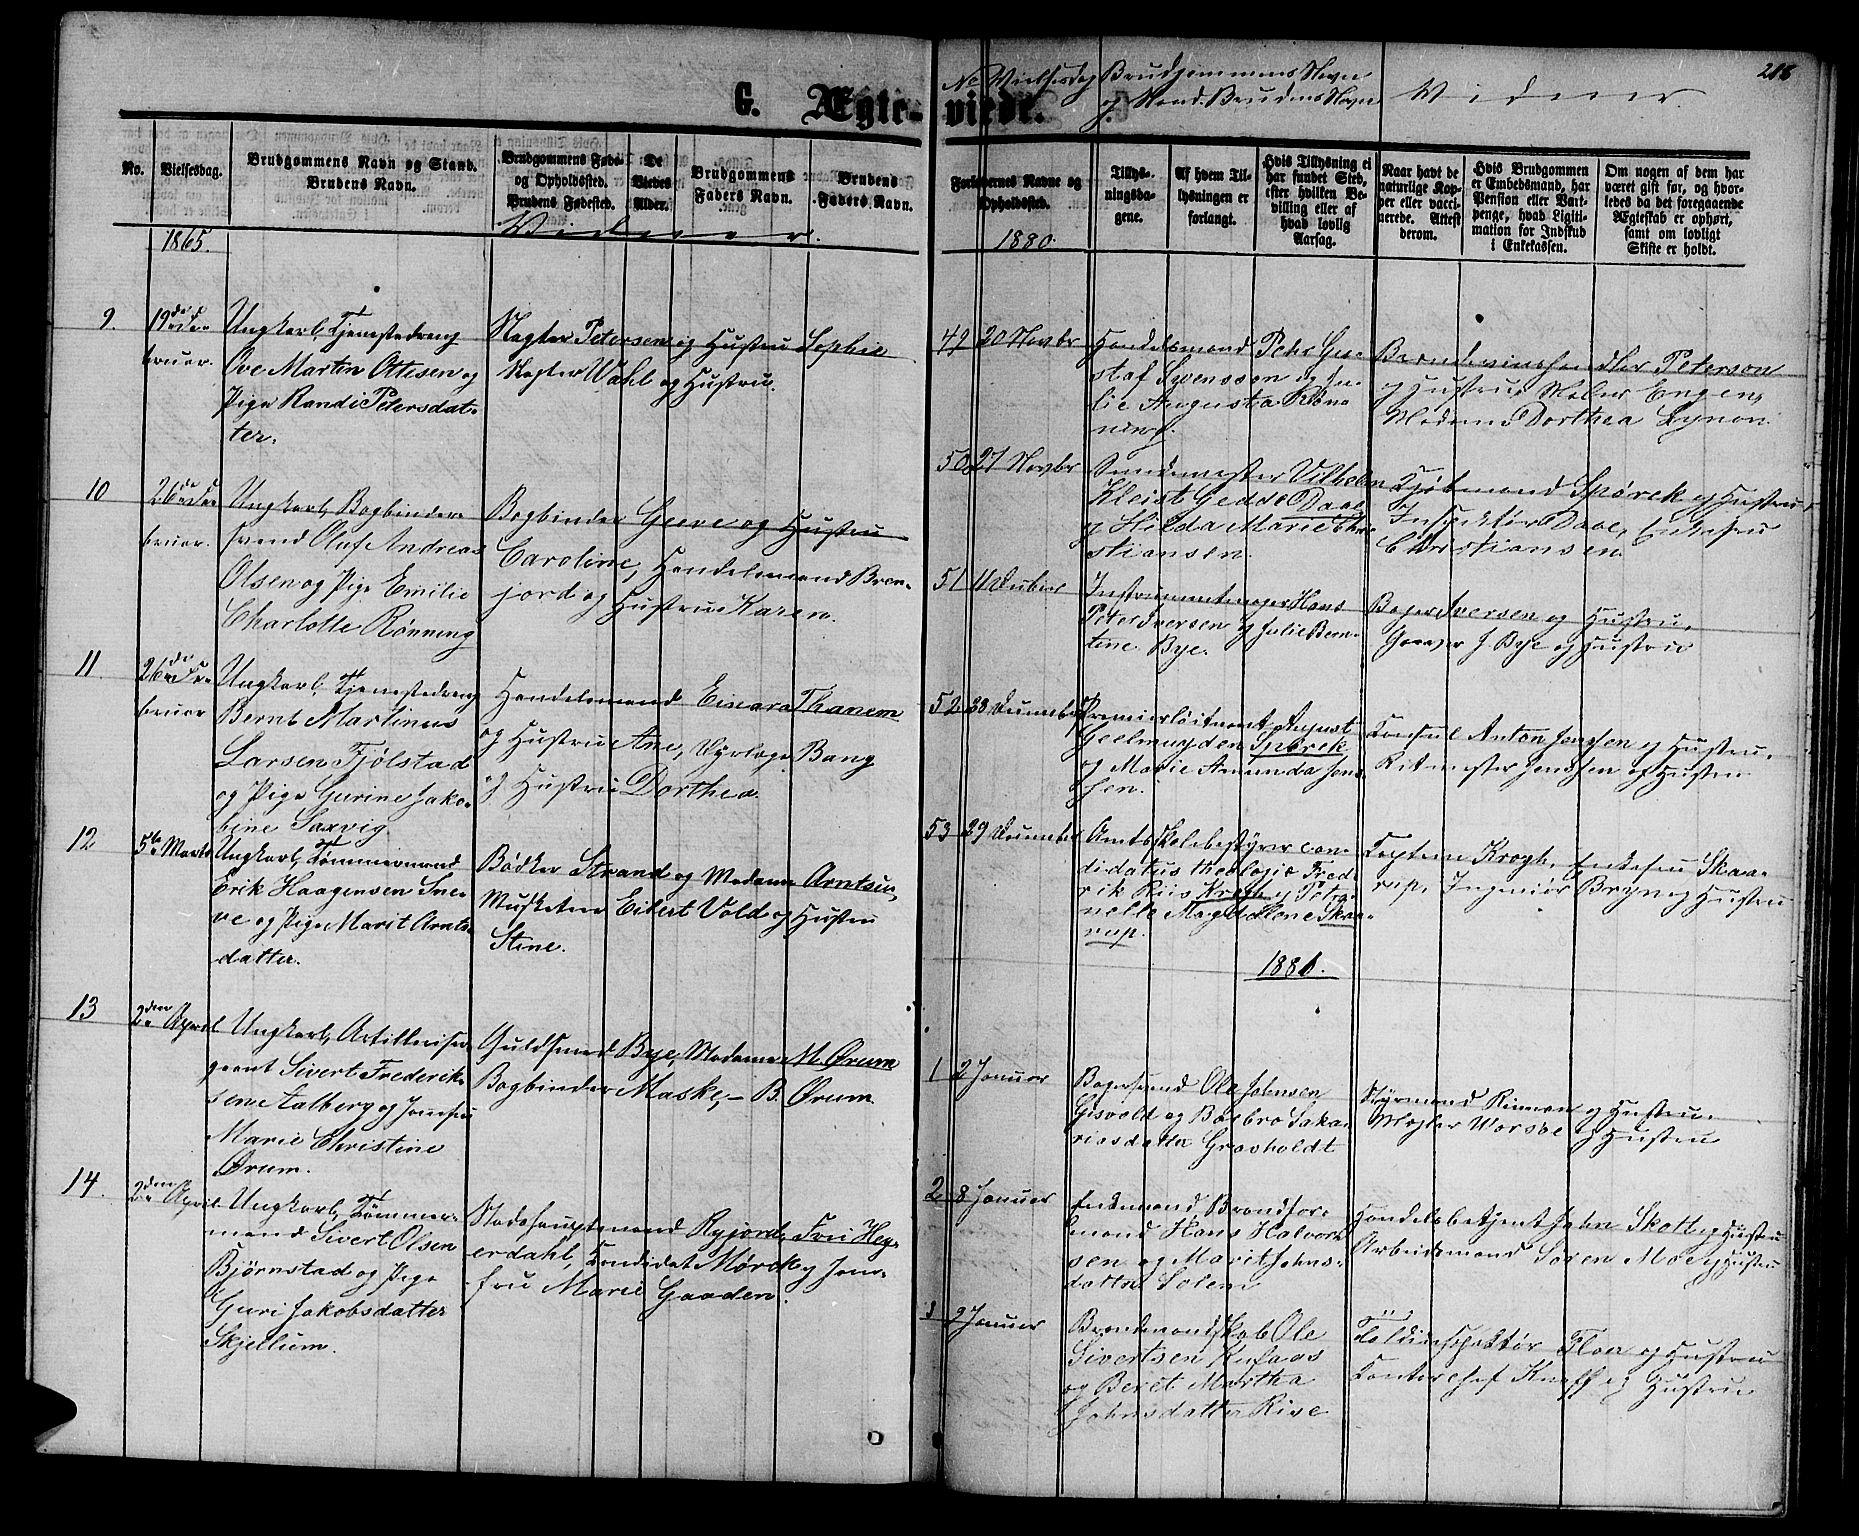 SAT, Ministerialprotokoller, klokkerbøker og fødselsregistre - Sør-Trøndelag, 601/L0087: Klokkerbok nr. 601C05, 1864-1881, s. 216